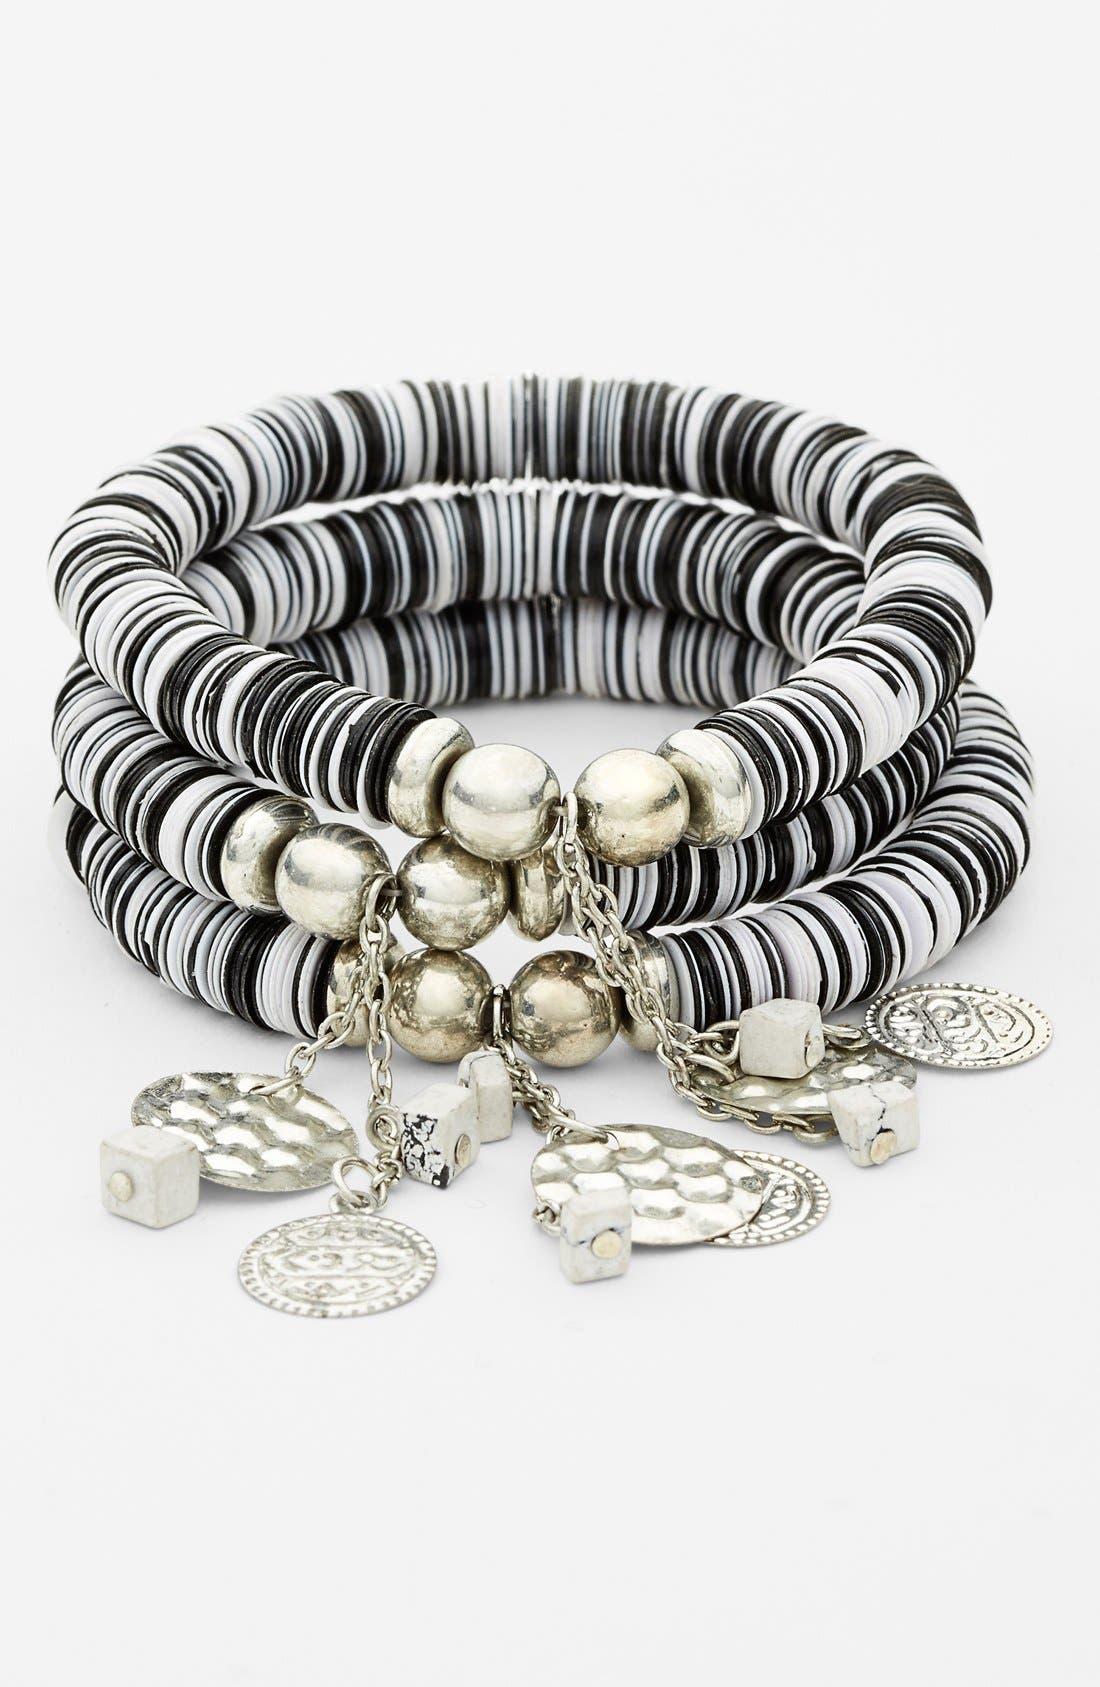 Alternate Image 1 Selected - Spring Street Sequin Stretch Bracelet (Set of 3)